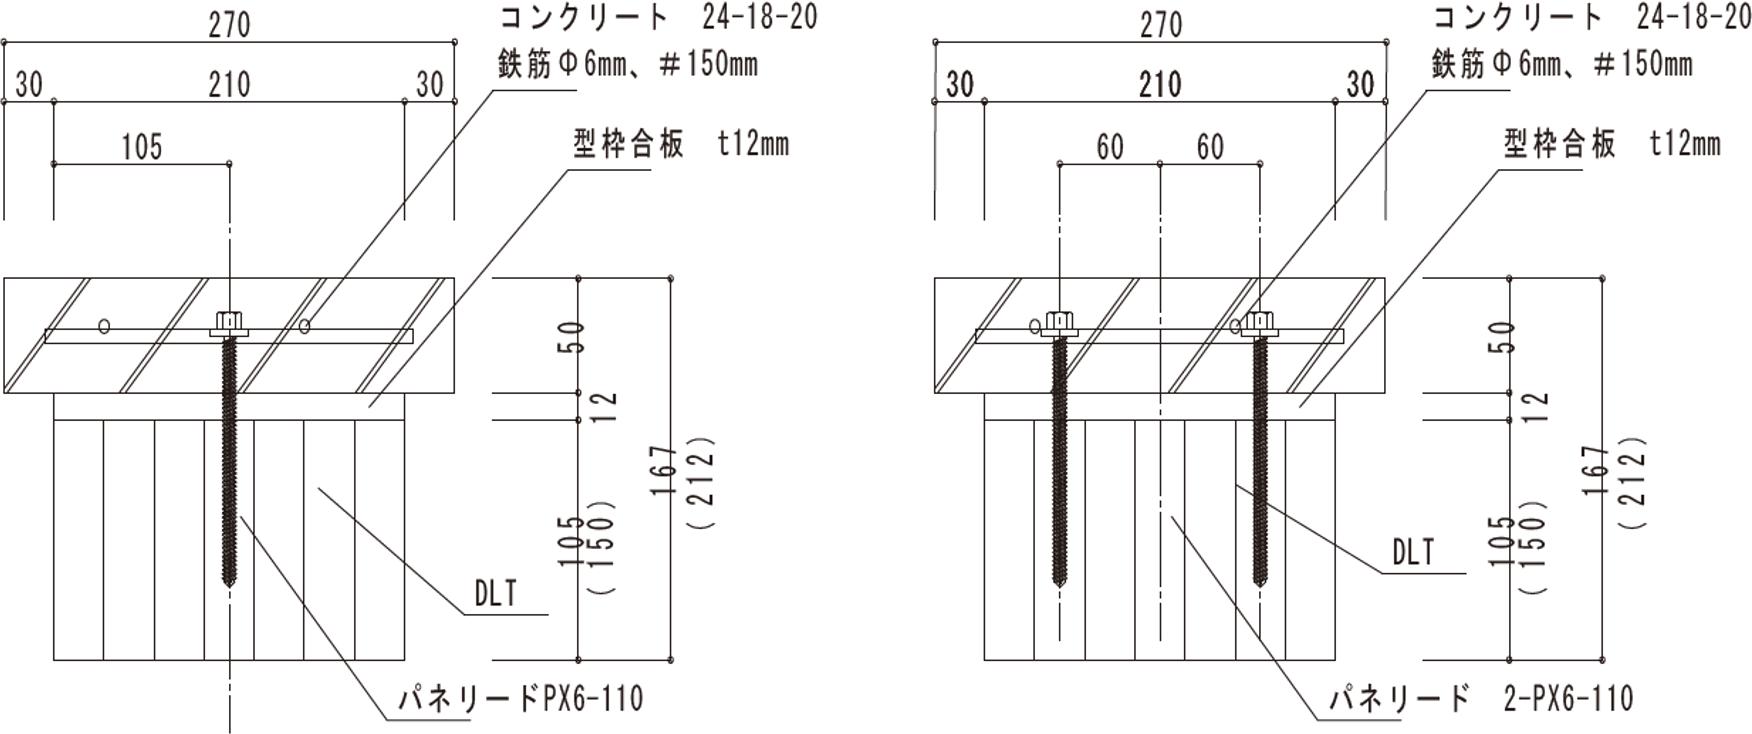 試験体断面図(せん断キー1列、2列)